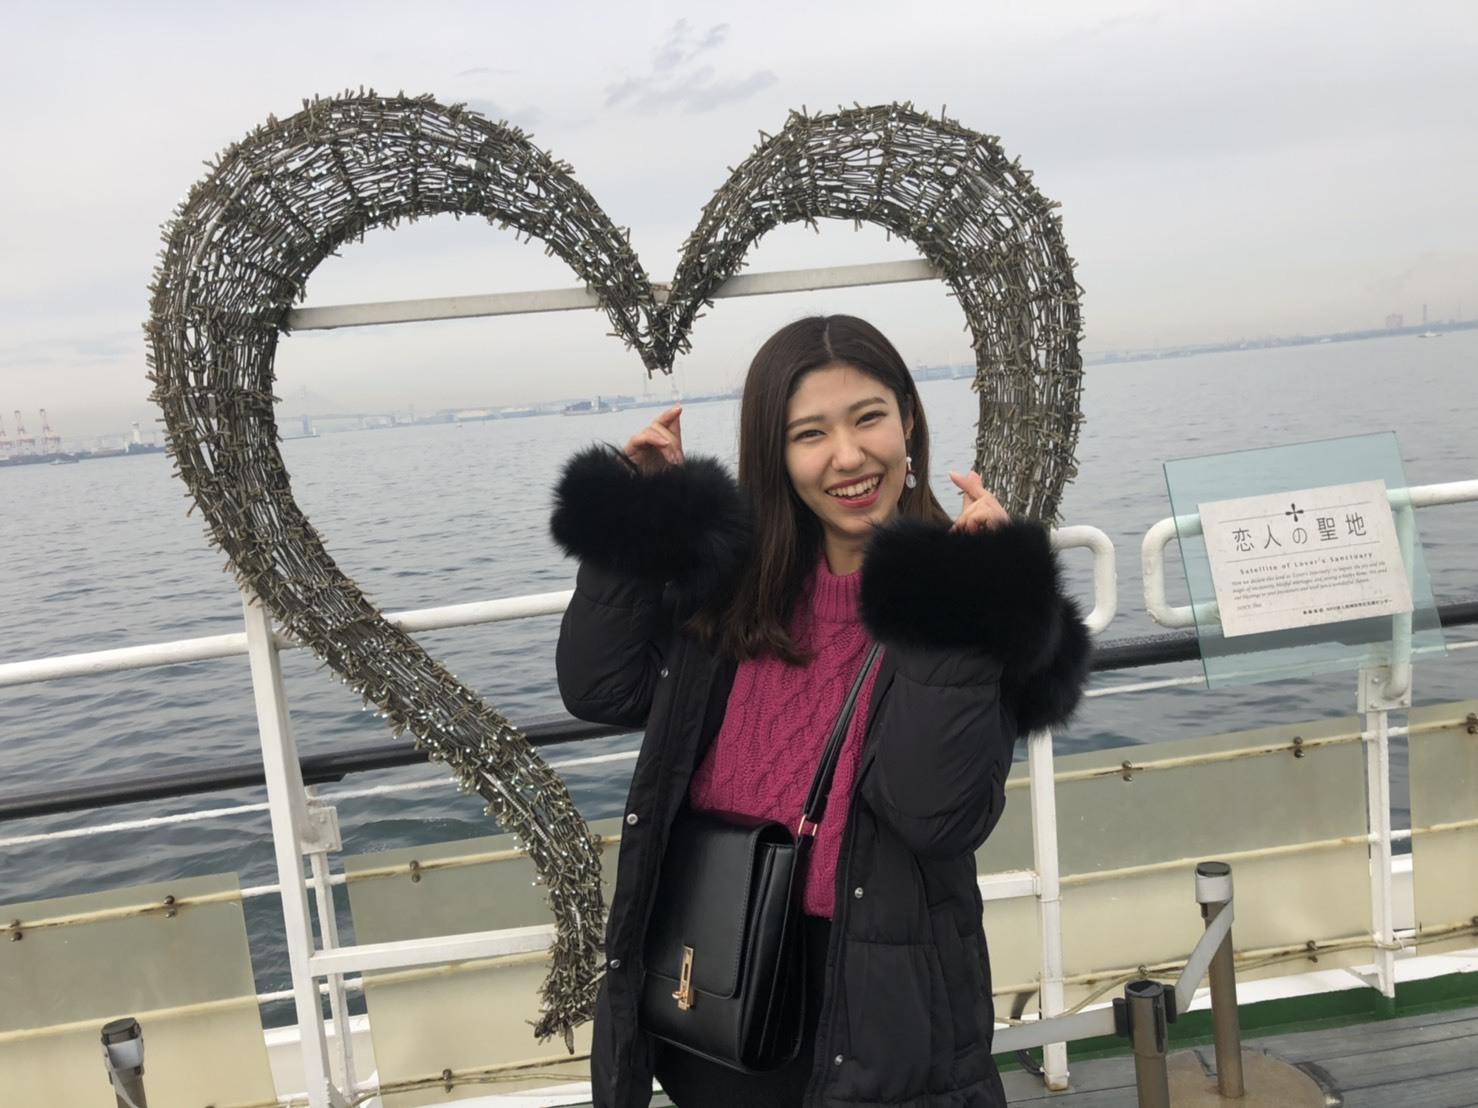 横浜のランチクルーズに行ってみた!_1_3